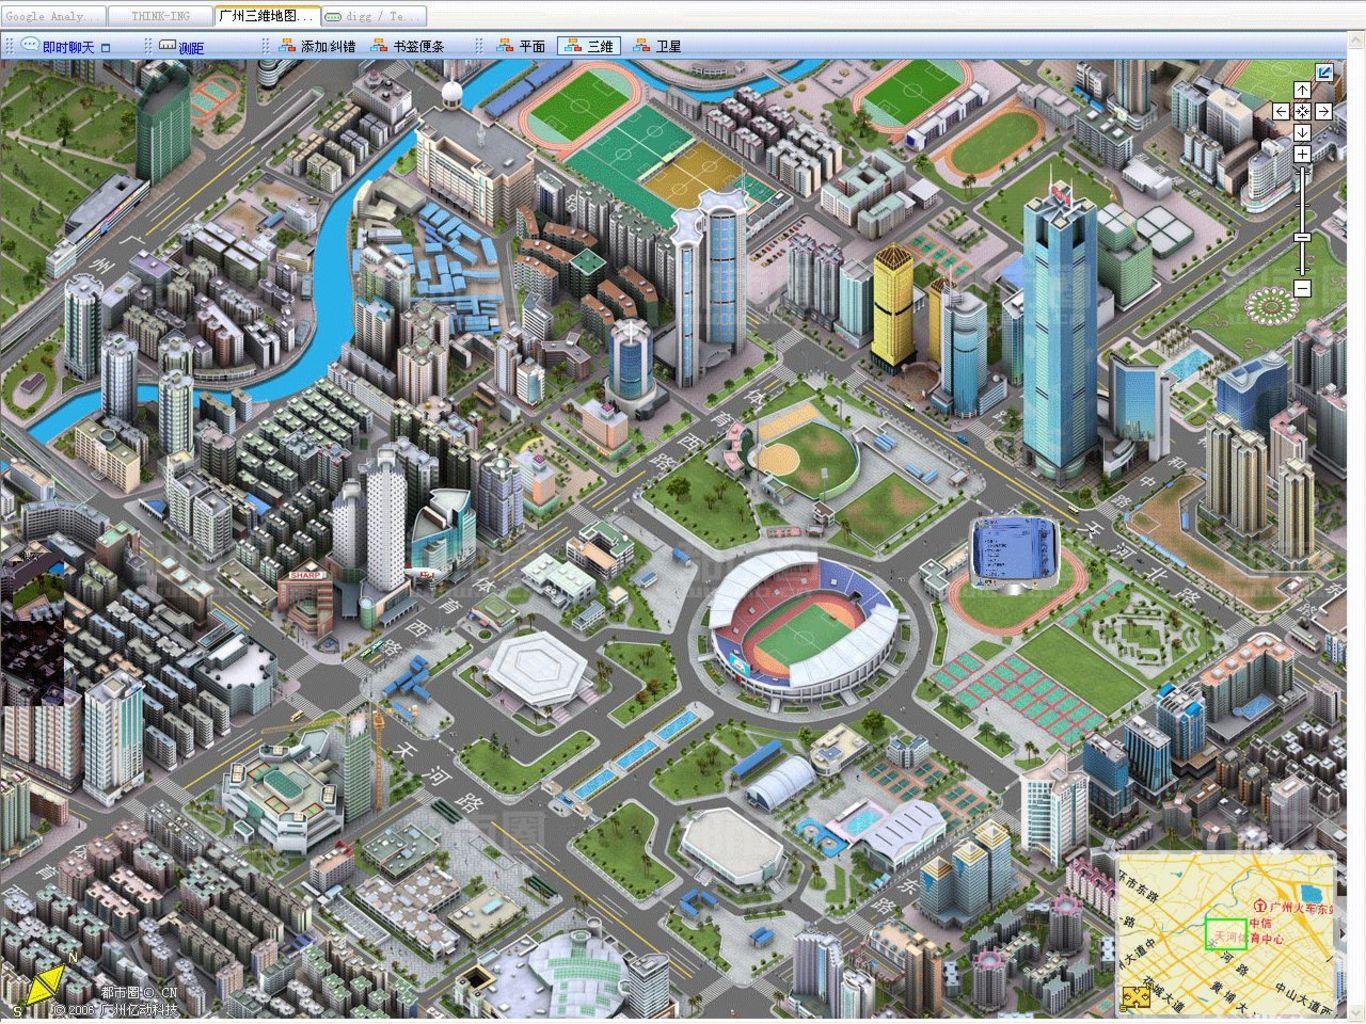 A high-resolution 3D map of Guangzhou, China. Image: Colin ZHU